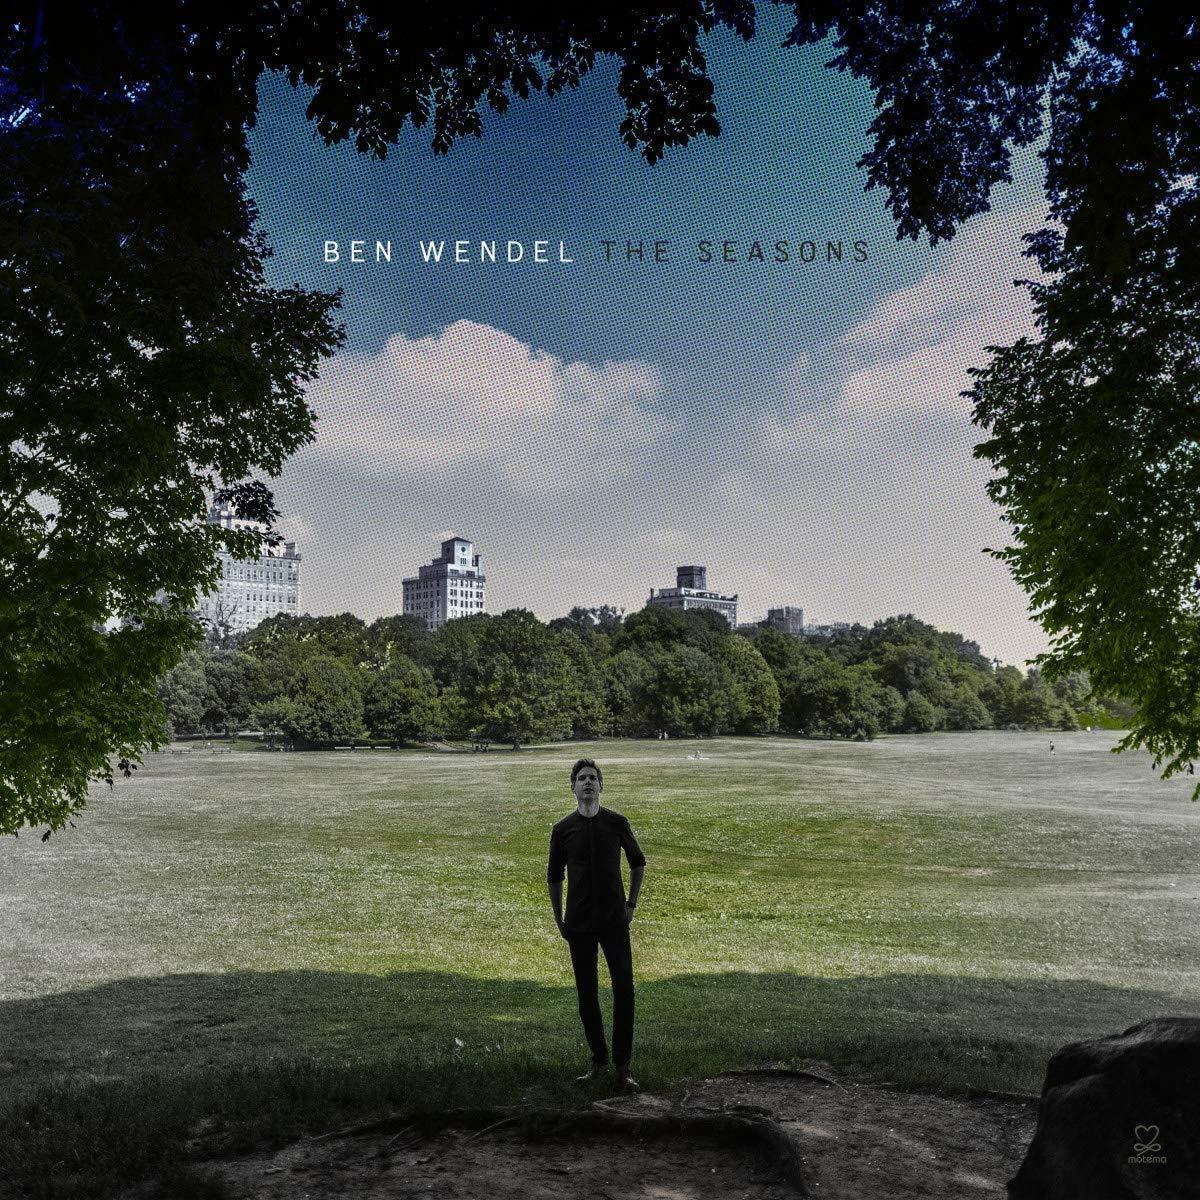 Ben Wendel - The Seasons